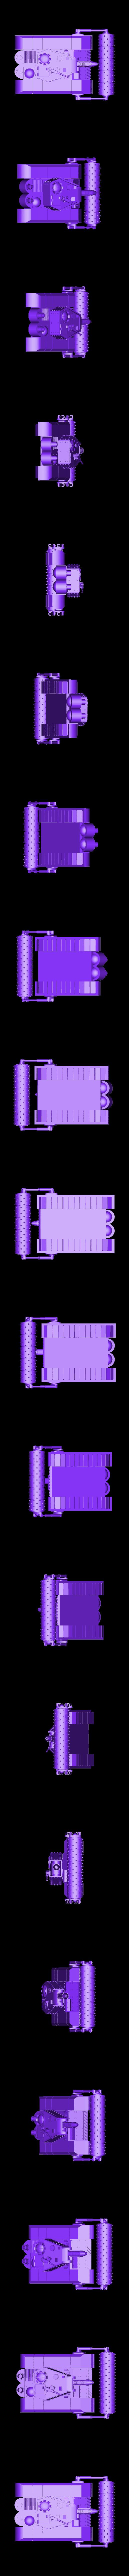 Armoured tank example.stl Télécharger fichier STL Ork Tank / Canon d'assaut 28mm optimisé pour FDM Printing • Modèle pour imprimante 3D, redstarkits